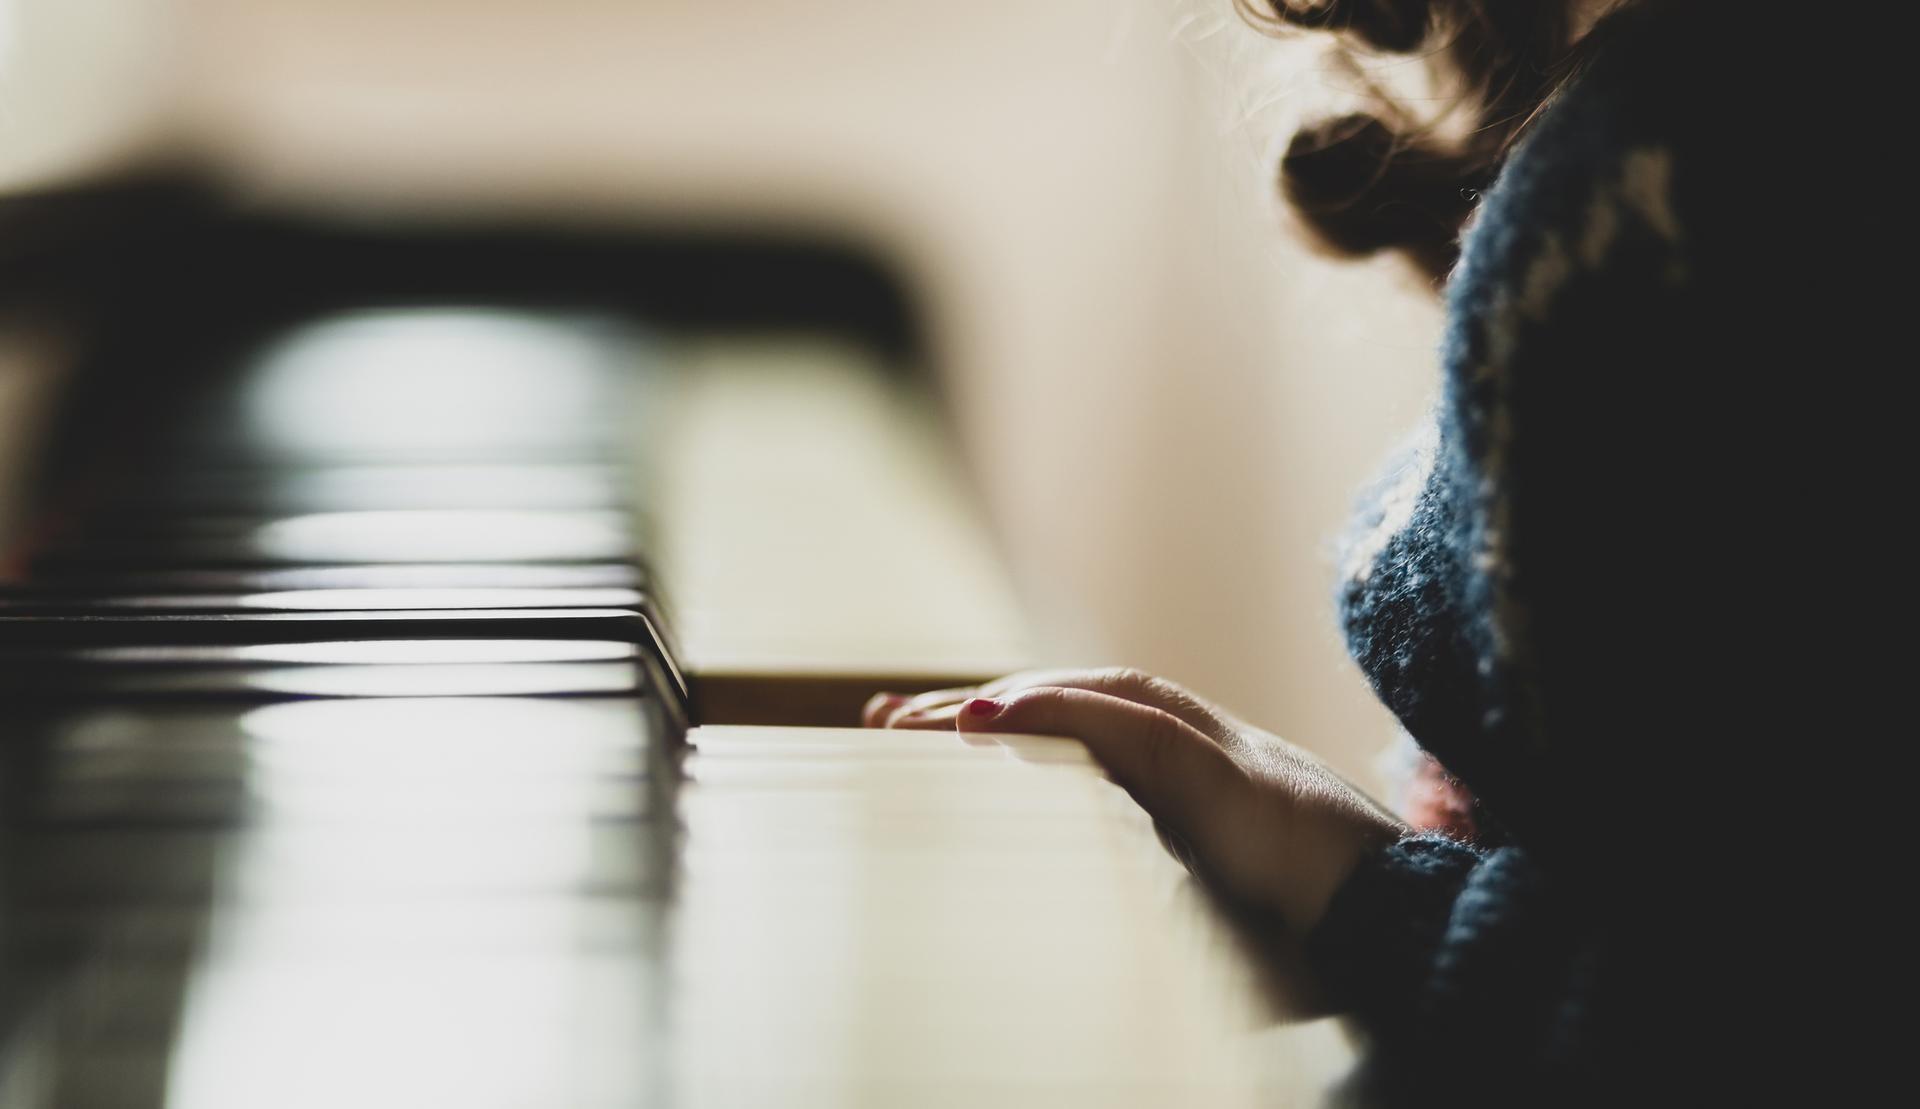 Tampereen konservatoriossa opiskelee 15 kangasalalaista laajassa oppimäärässä. Pirkanmaan musiikkiopistossa opiskelevia kangasalalaisia on 145.